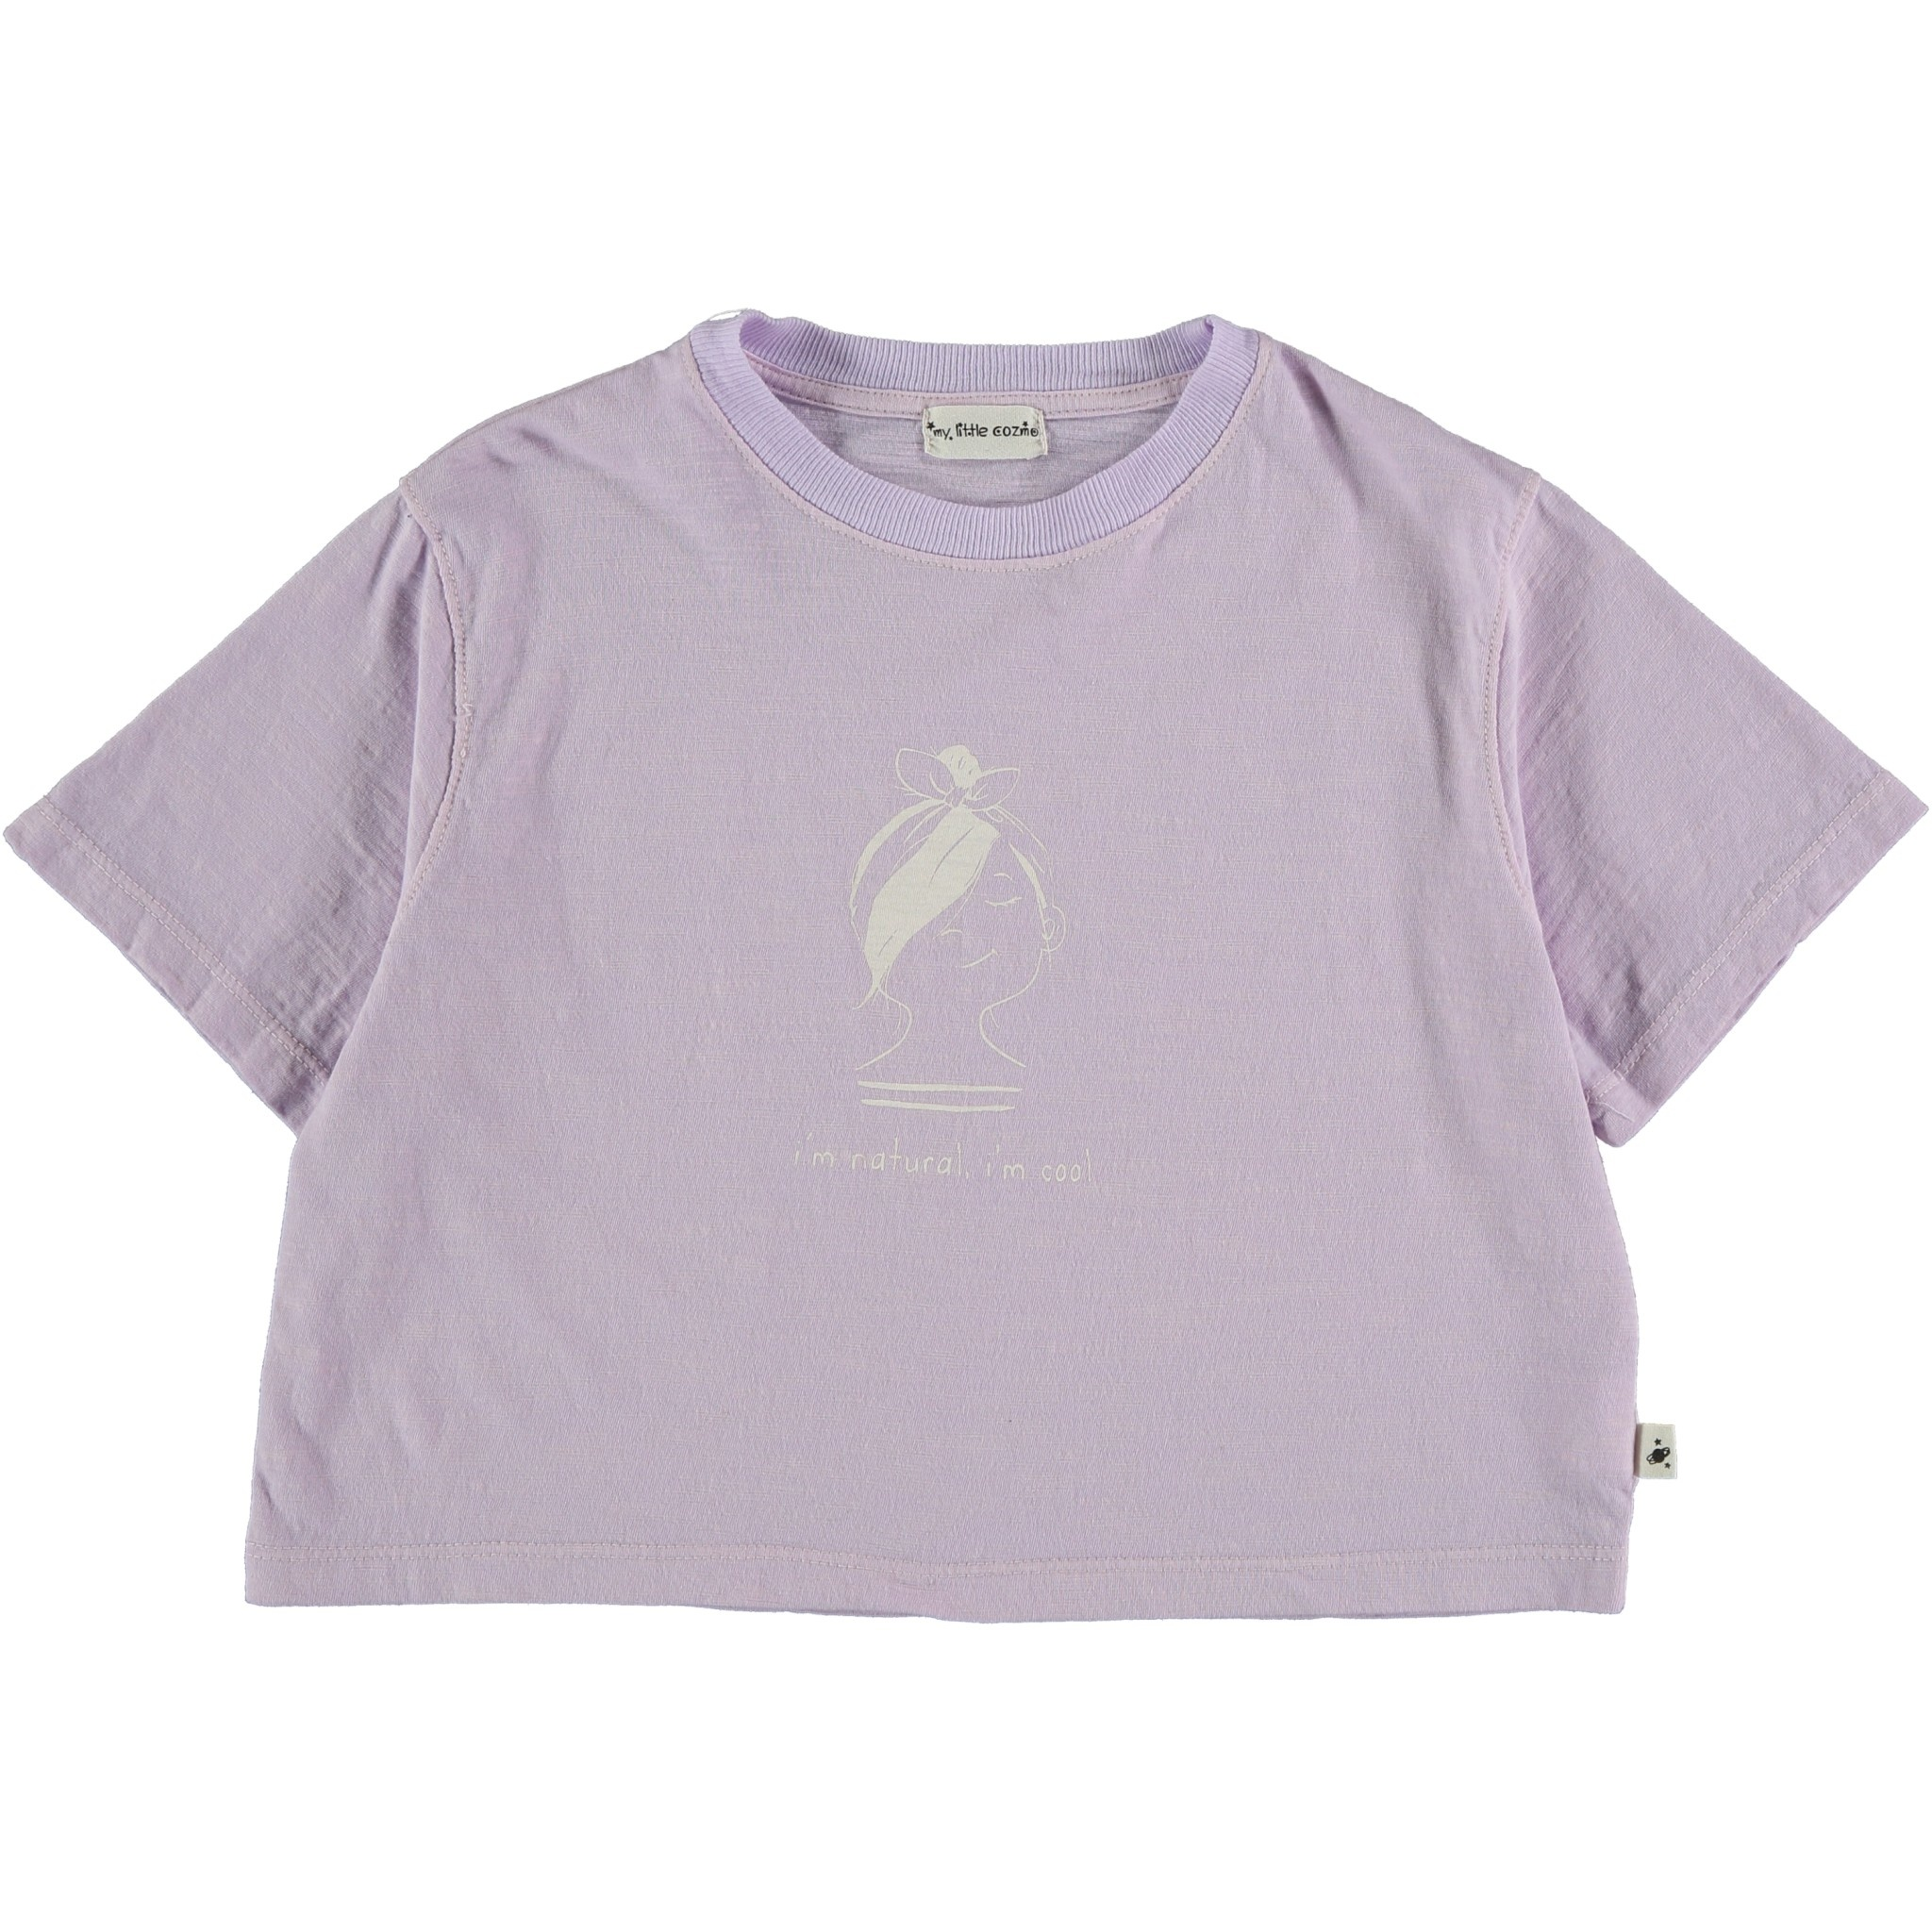 My Little Cozmo Organic cotton flame t-shirt   Mauve